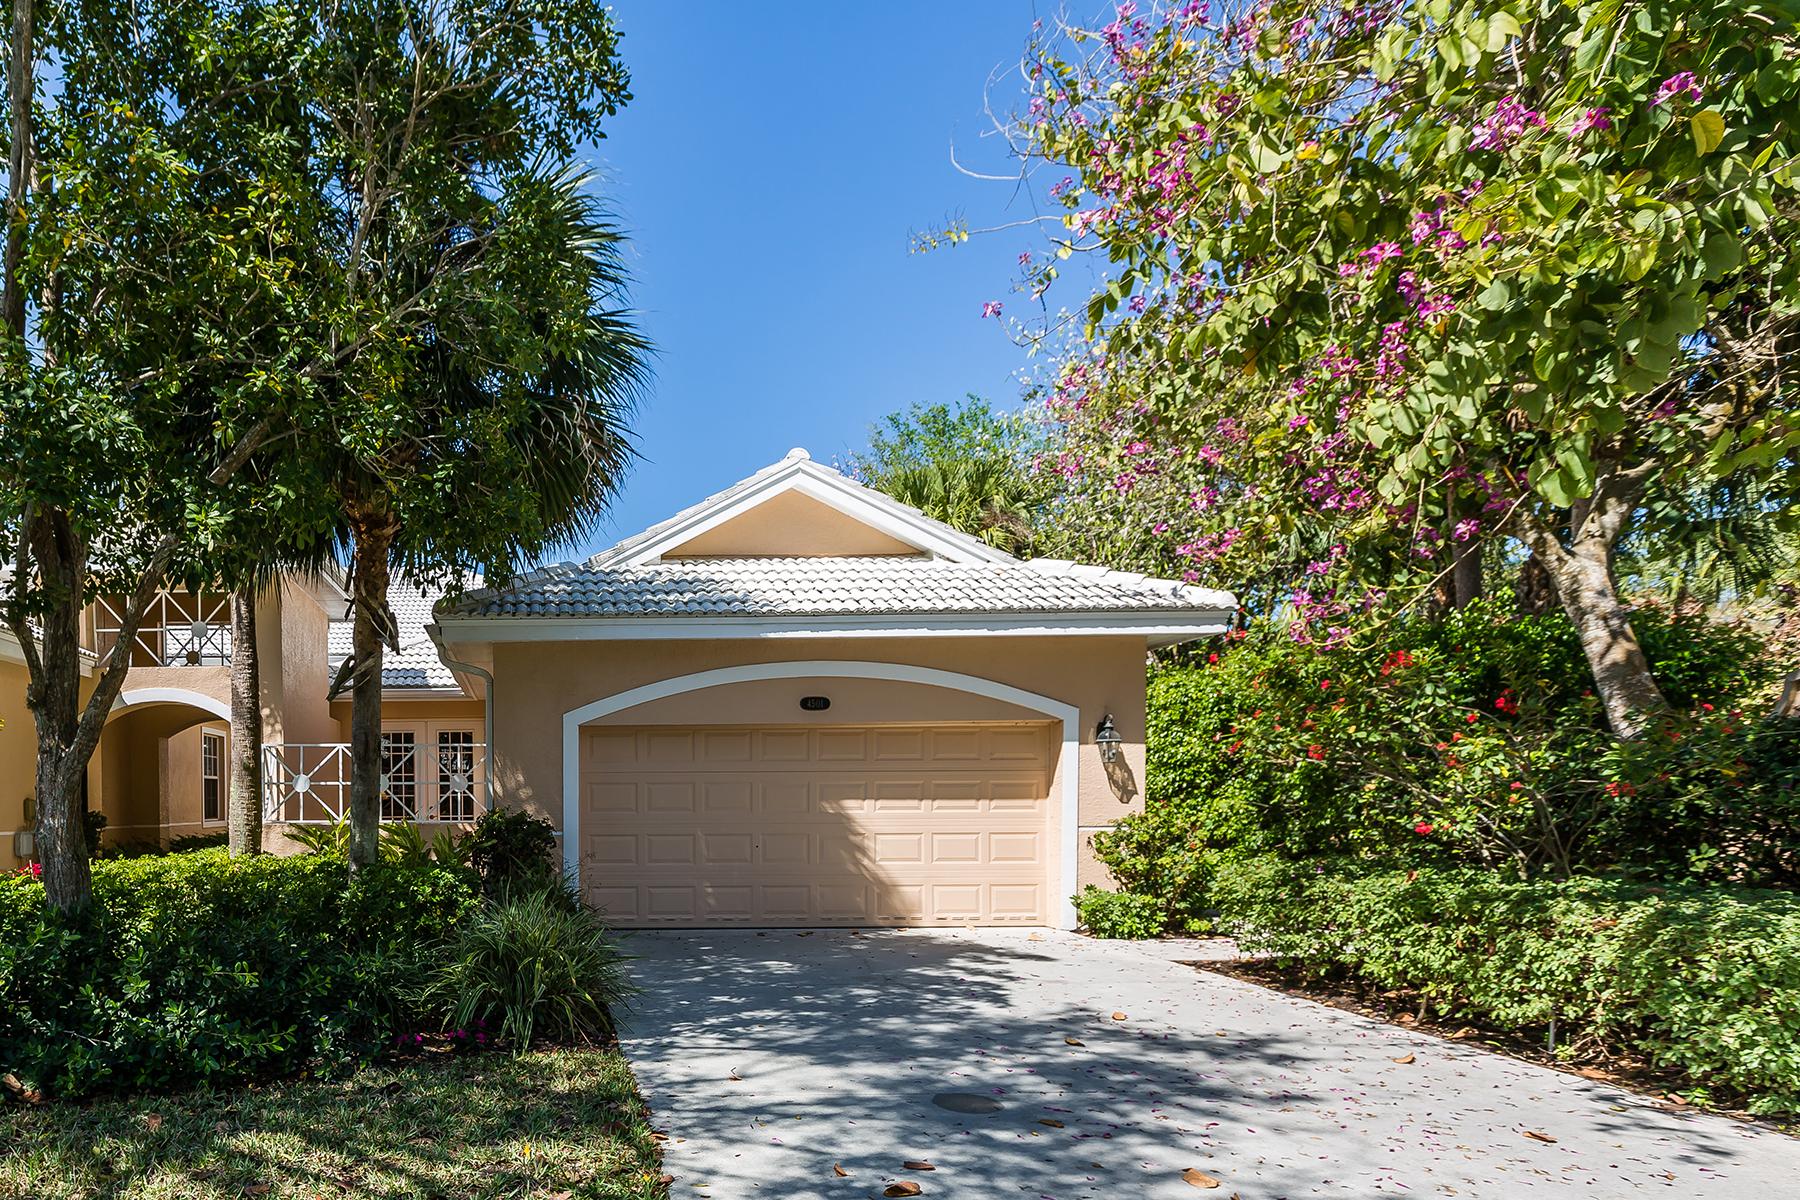 Частный односемейный дом для того Продажа на FIDDLERS CREEK 4501 Cardinal Cove Ln Naples, Флорида, 34114 Соединенные Штаты